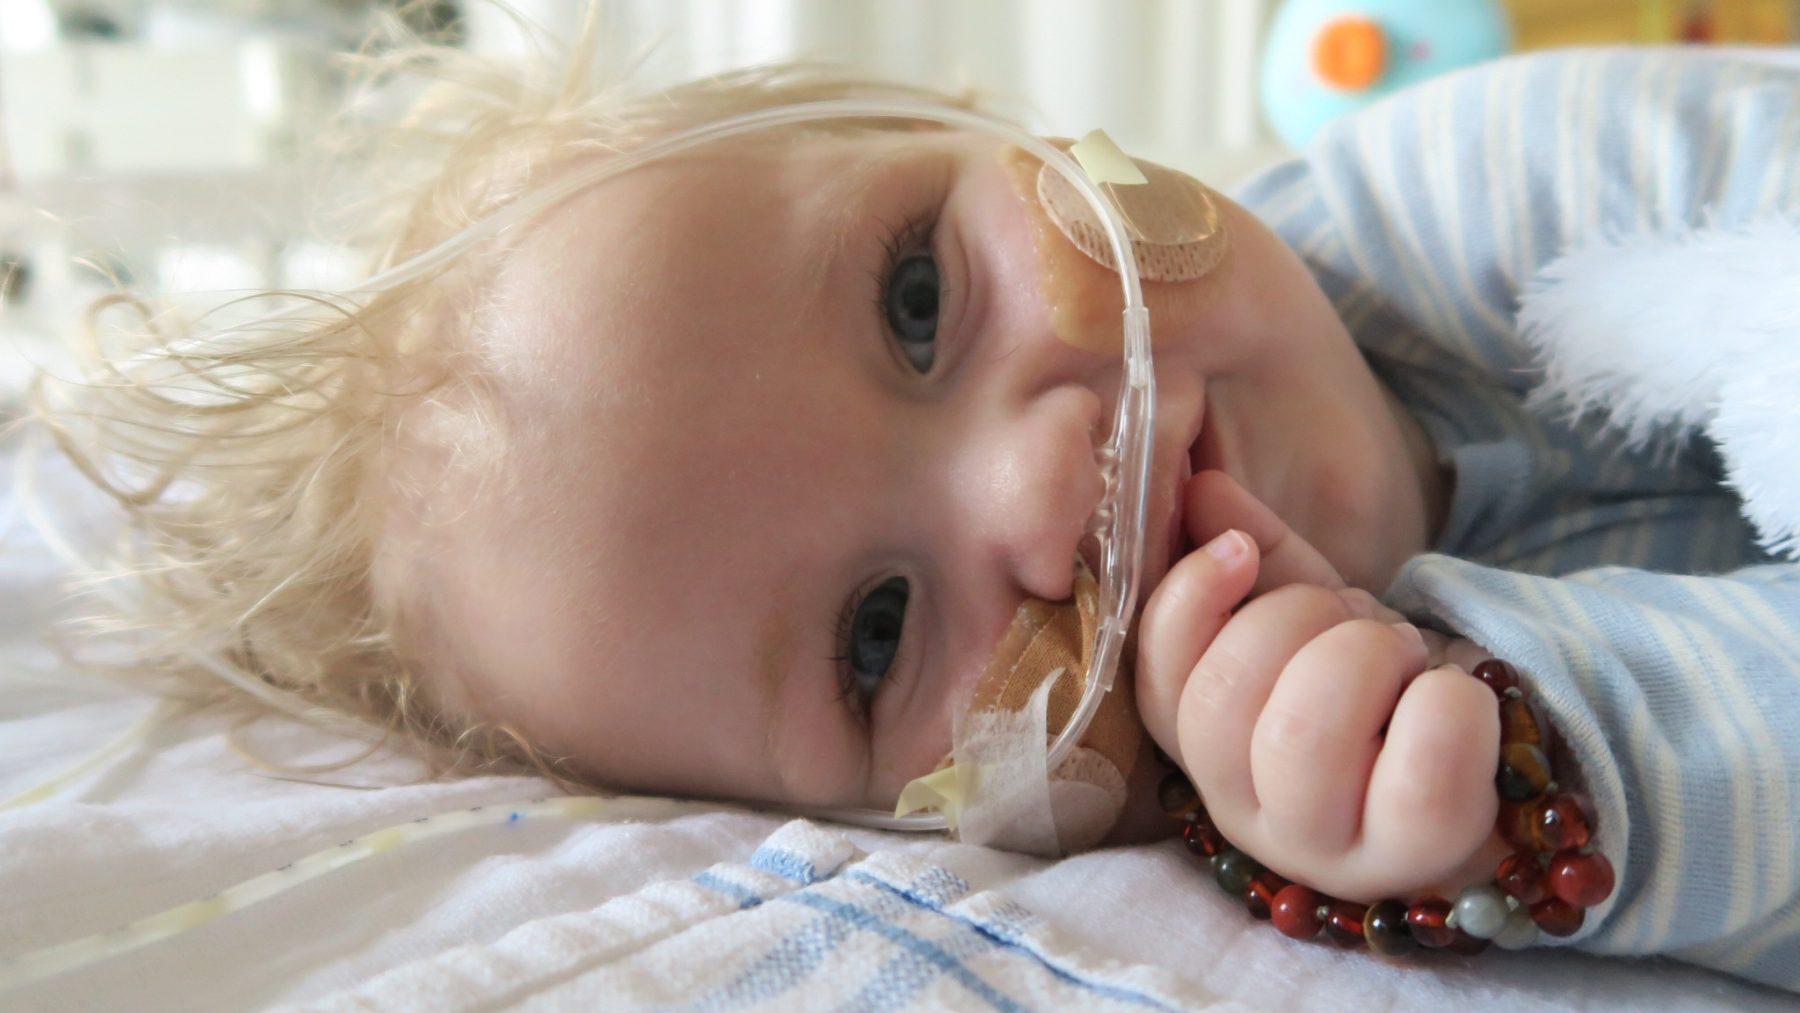 Goed nieuws voor zieke baby Jayme: behandeling kan worden gestart